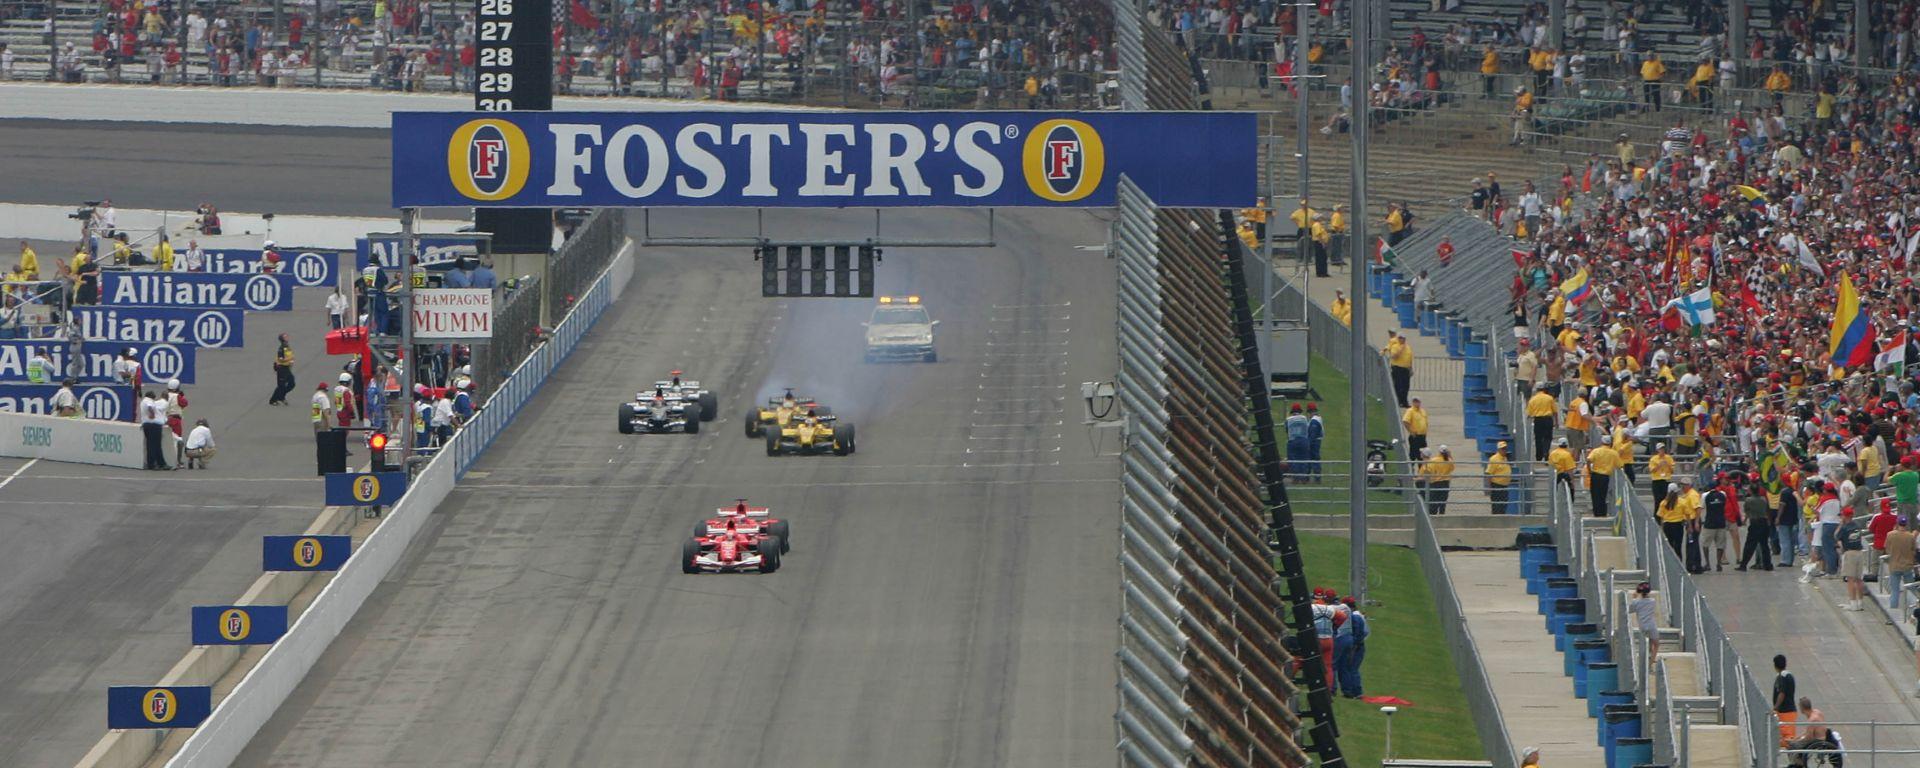 F1, GP Stati Uniti 2005: Ferrari, Jordan e Minardi al via della gara di Indianapolis